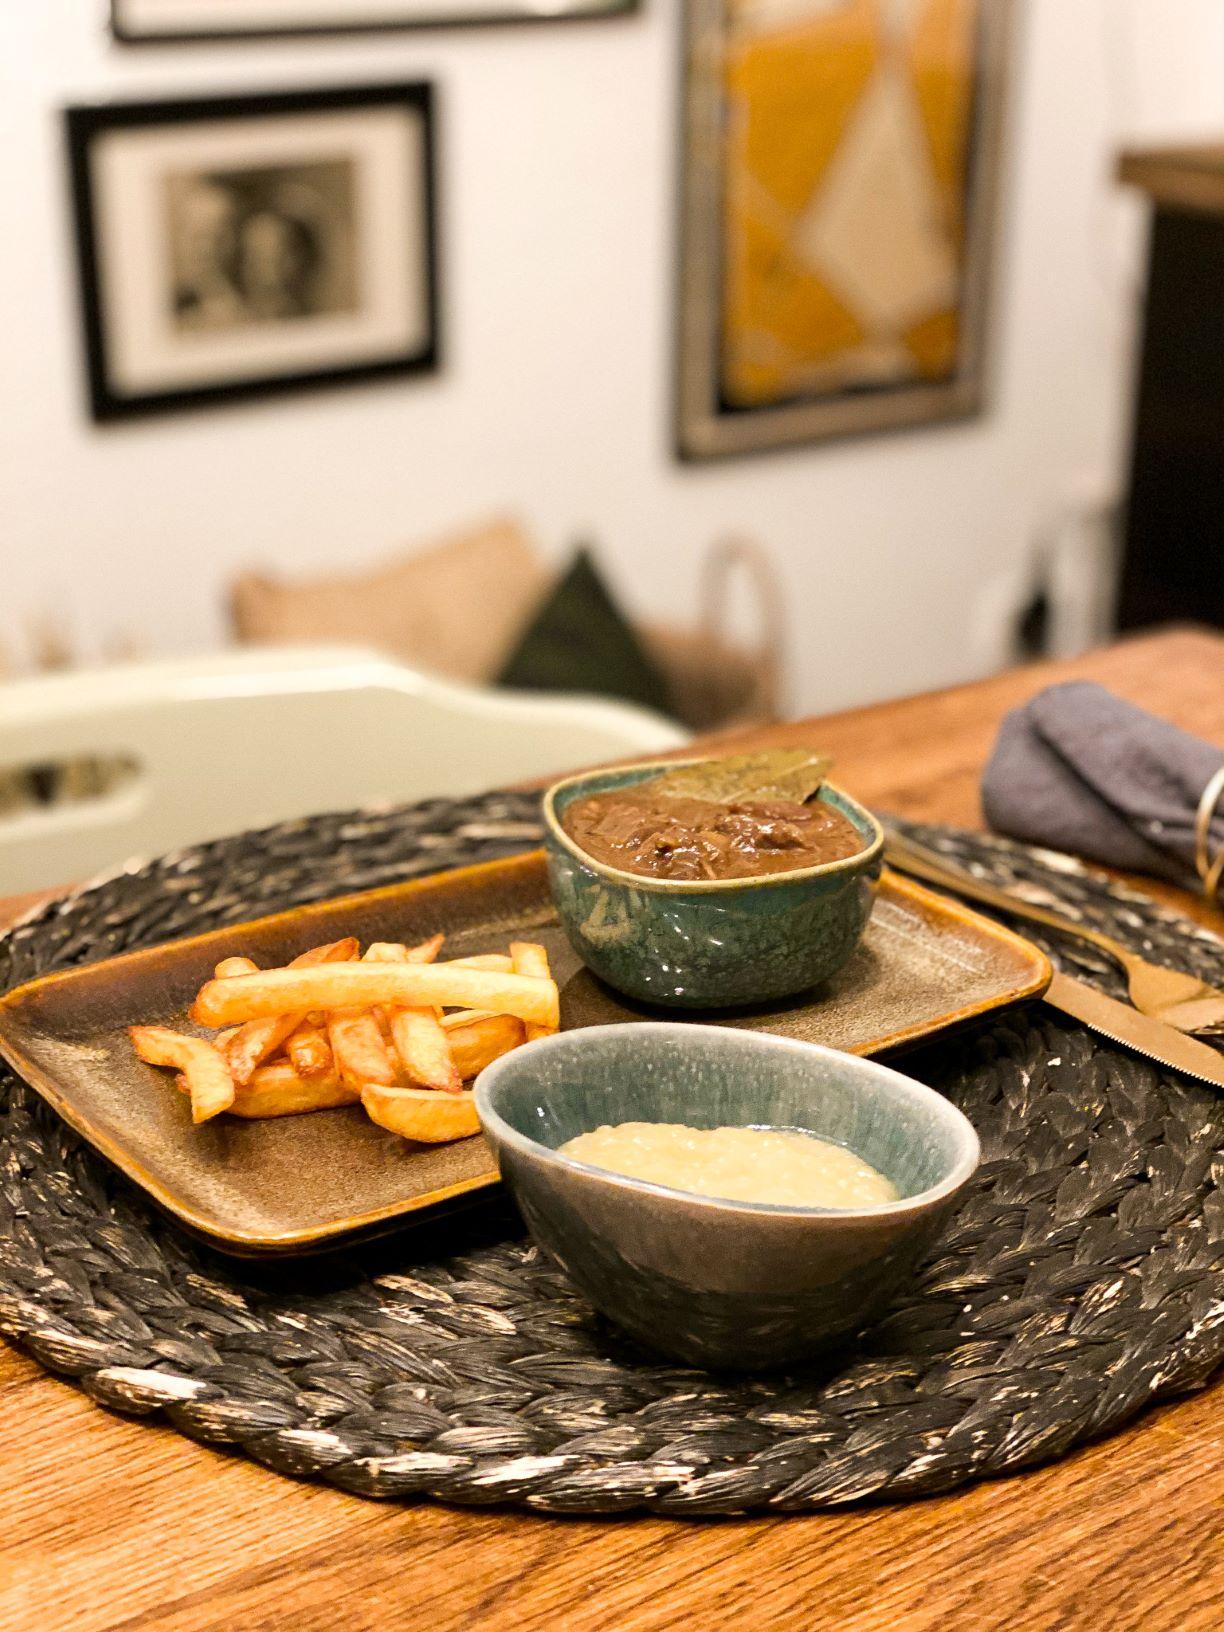 zuurvlees met patat